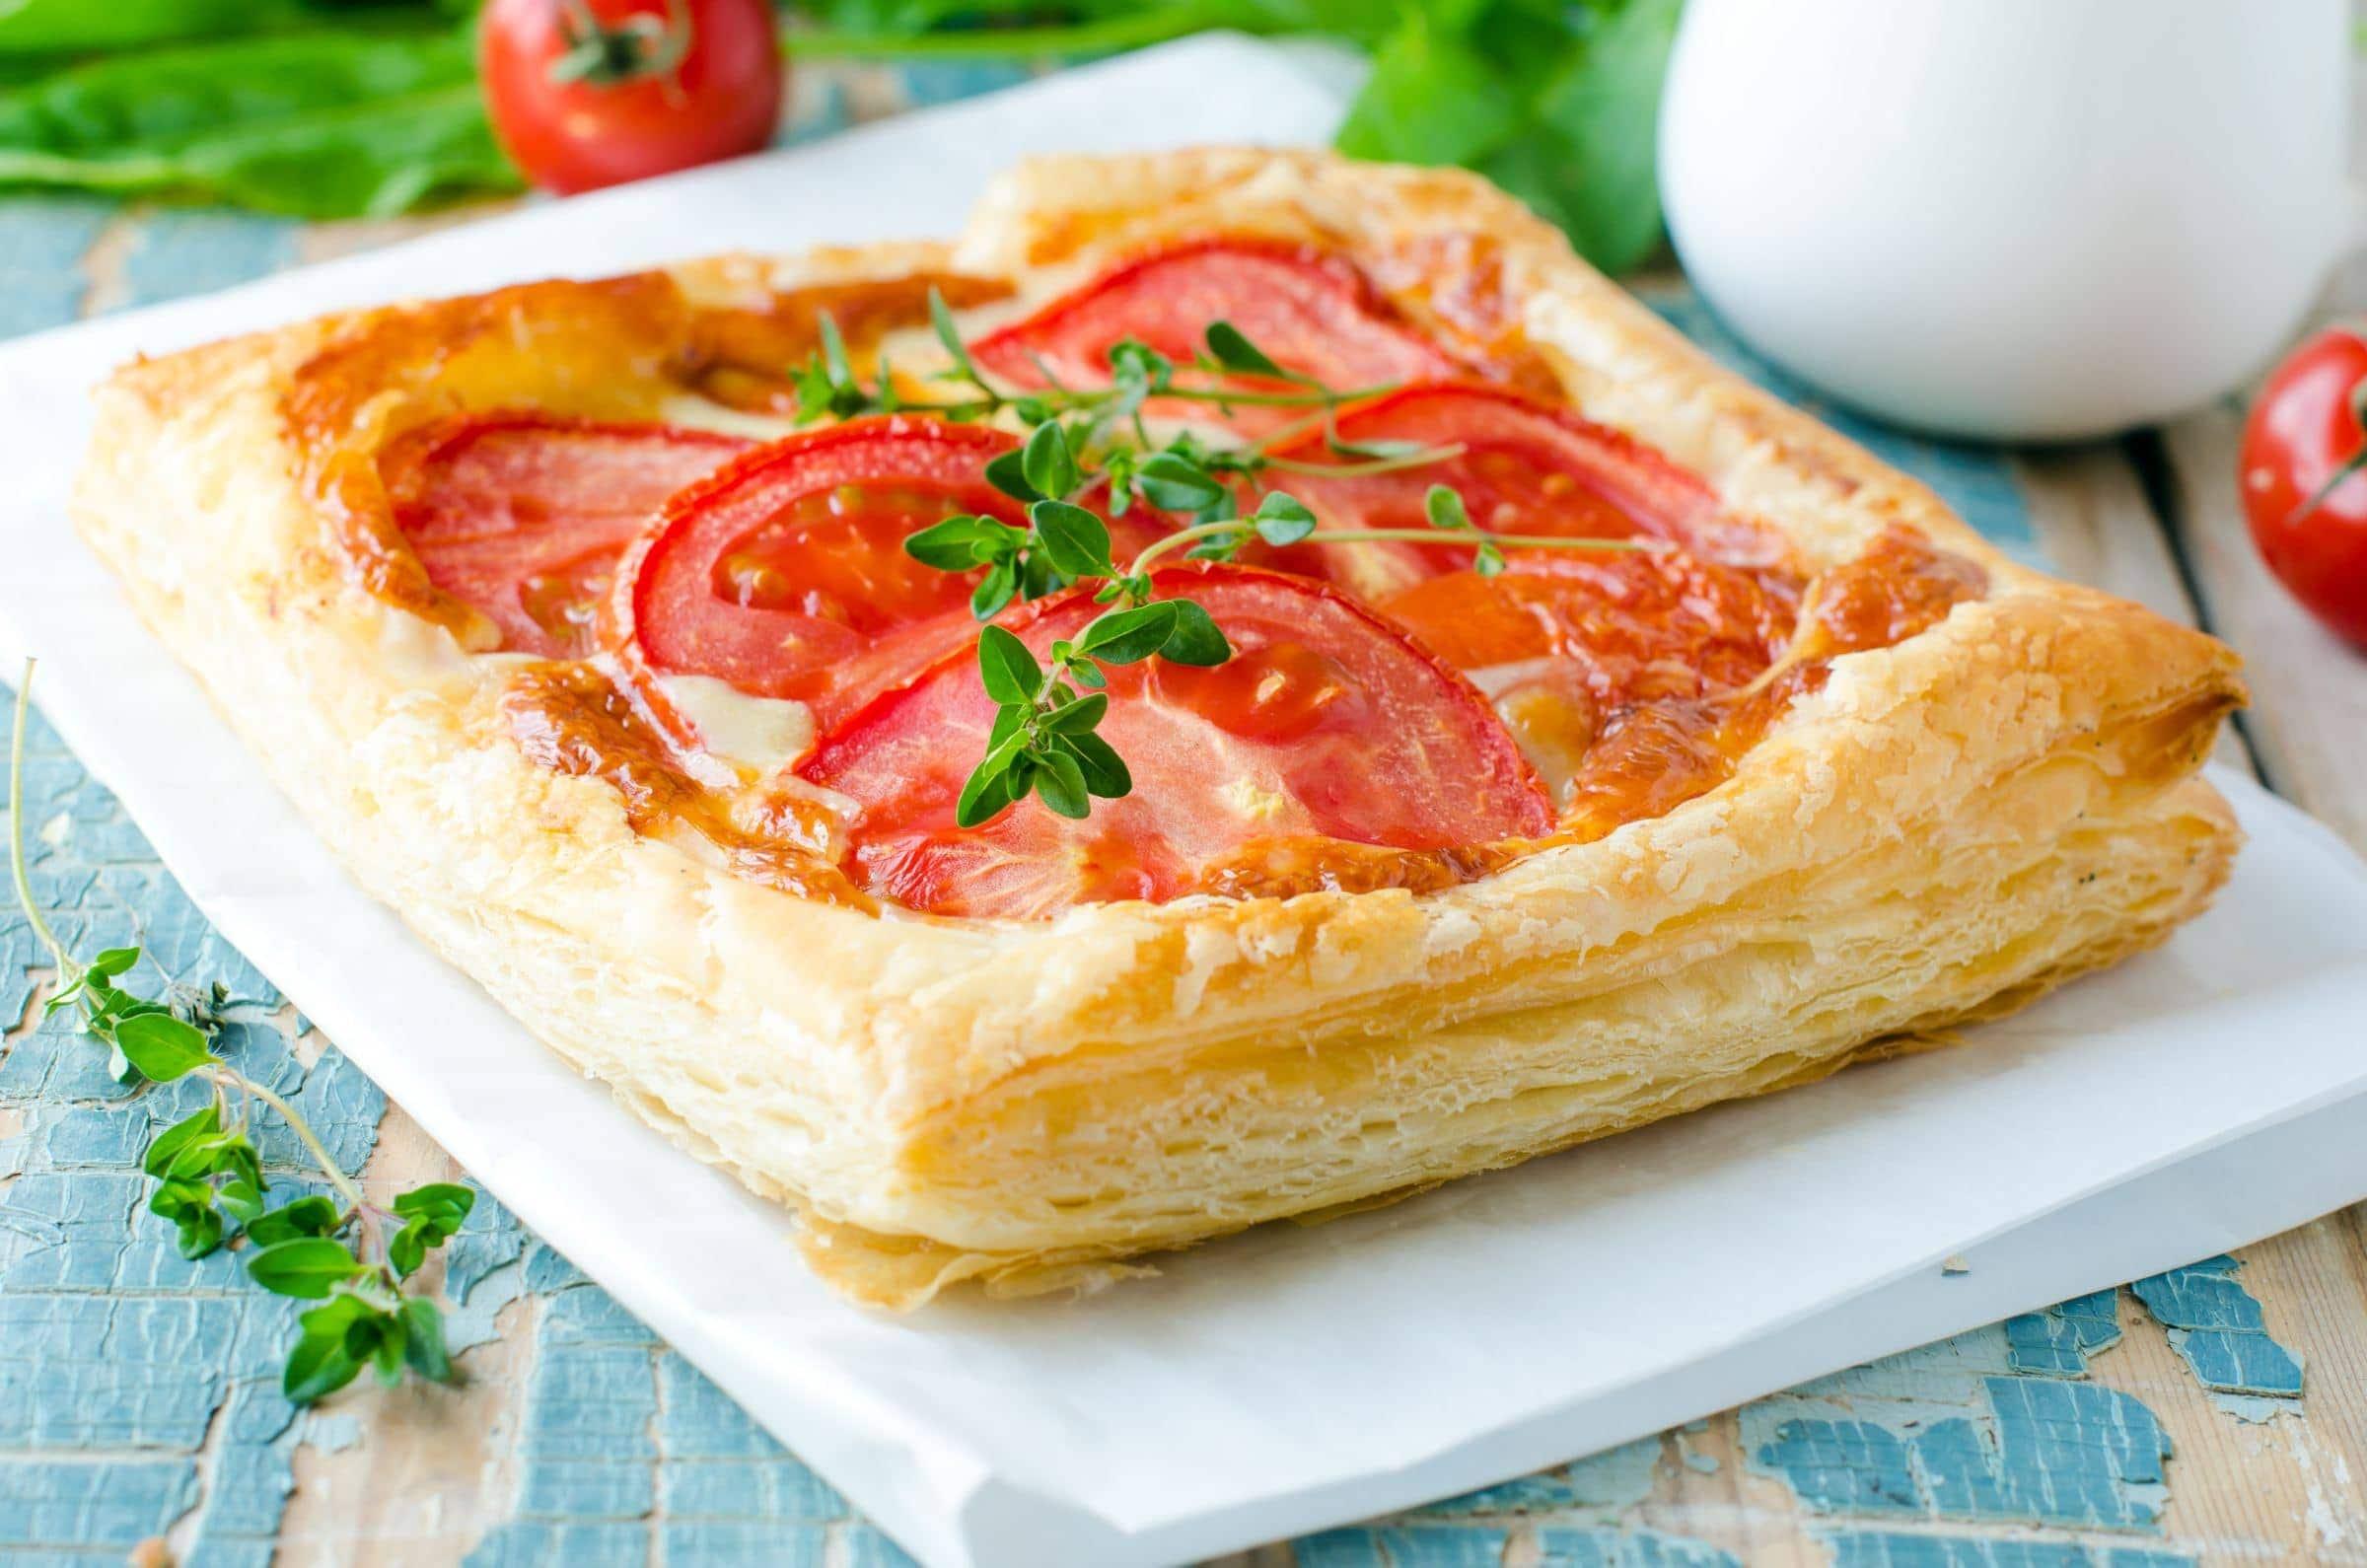 Ricetta sfogliatine al pomodoro il club delle ricette for Pasta ricette veloci